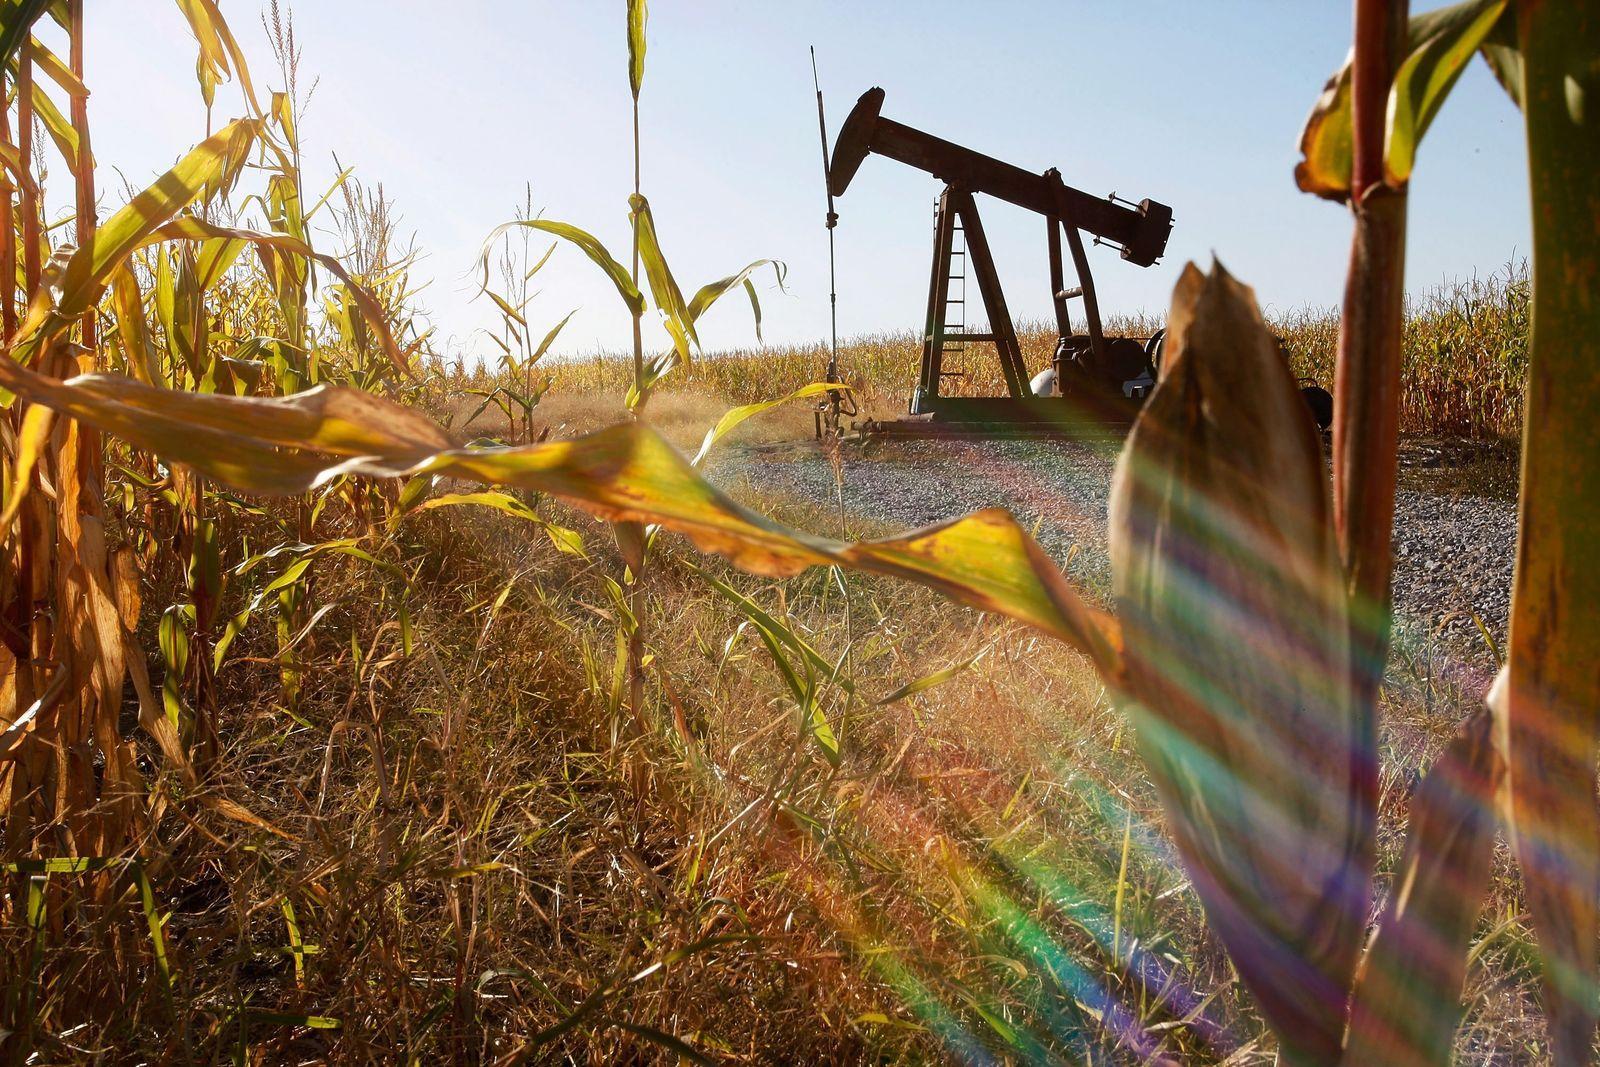 Kornfeld / Öl-Pumpe